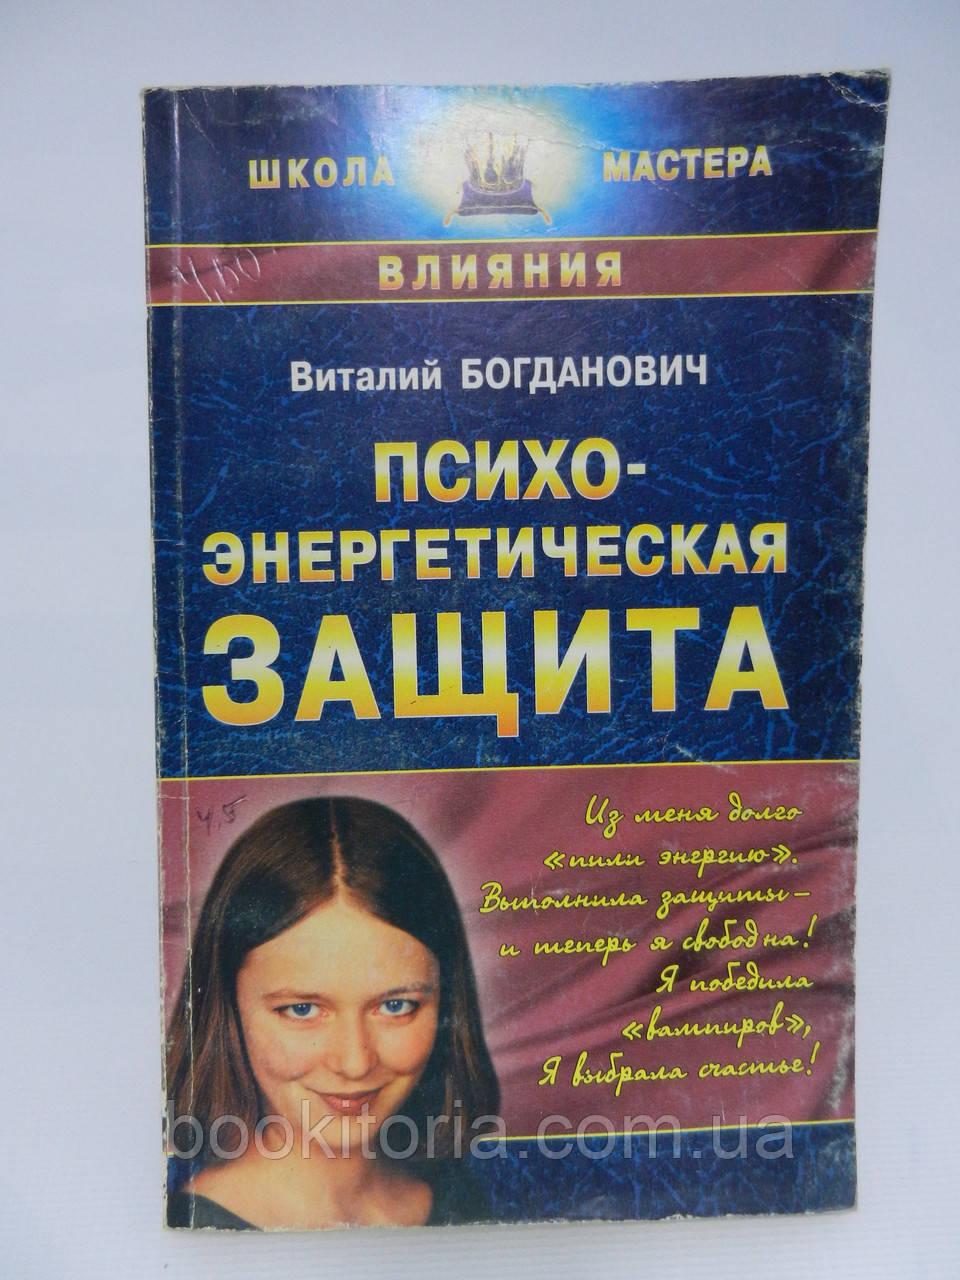 Богданович В.Н. Психоэнергетическая защита (б/у).